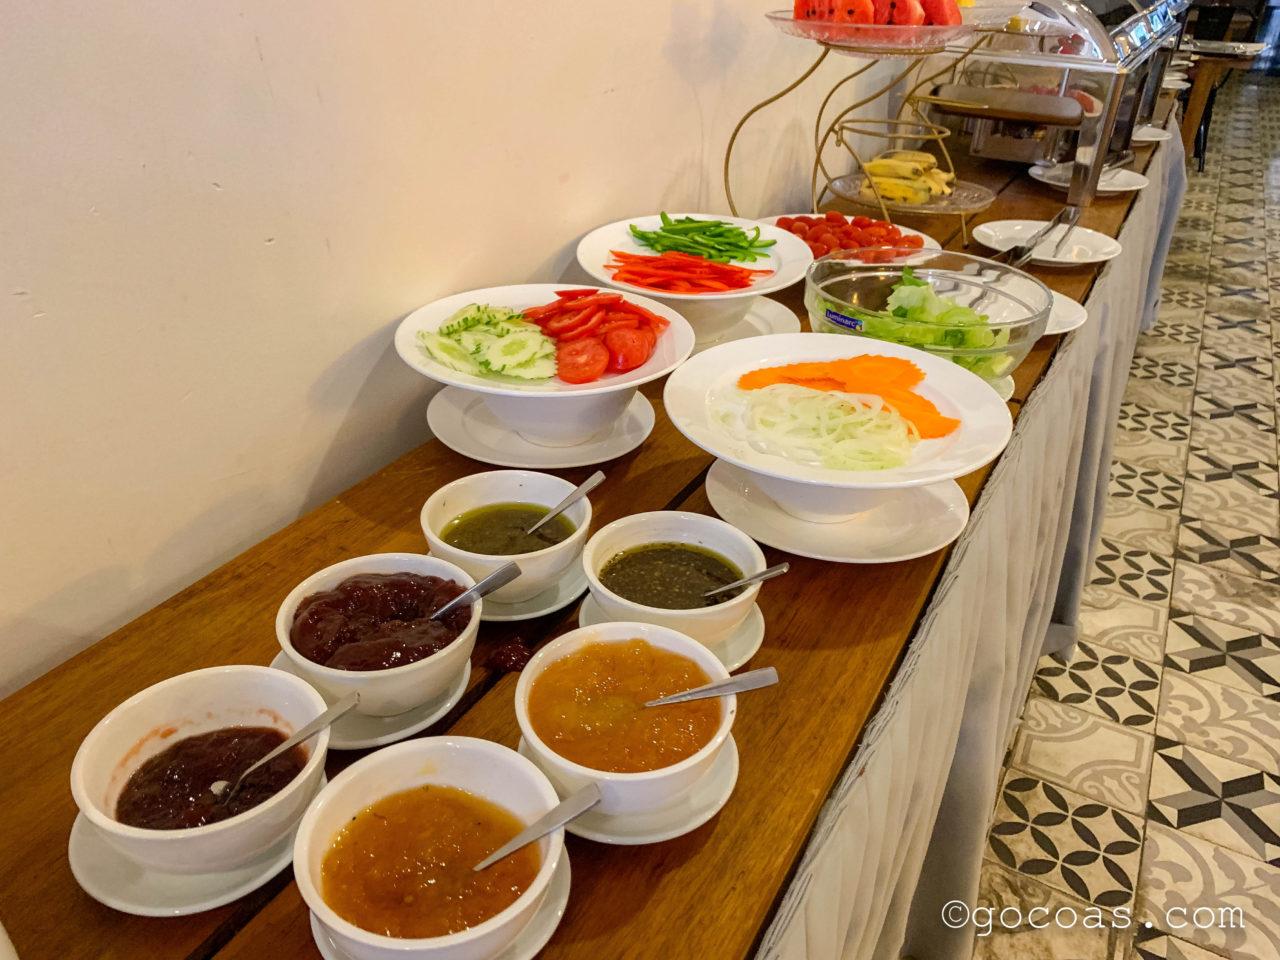 グランドエレベーションホテルの朝食ブッフェに並ぶサラダ